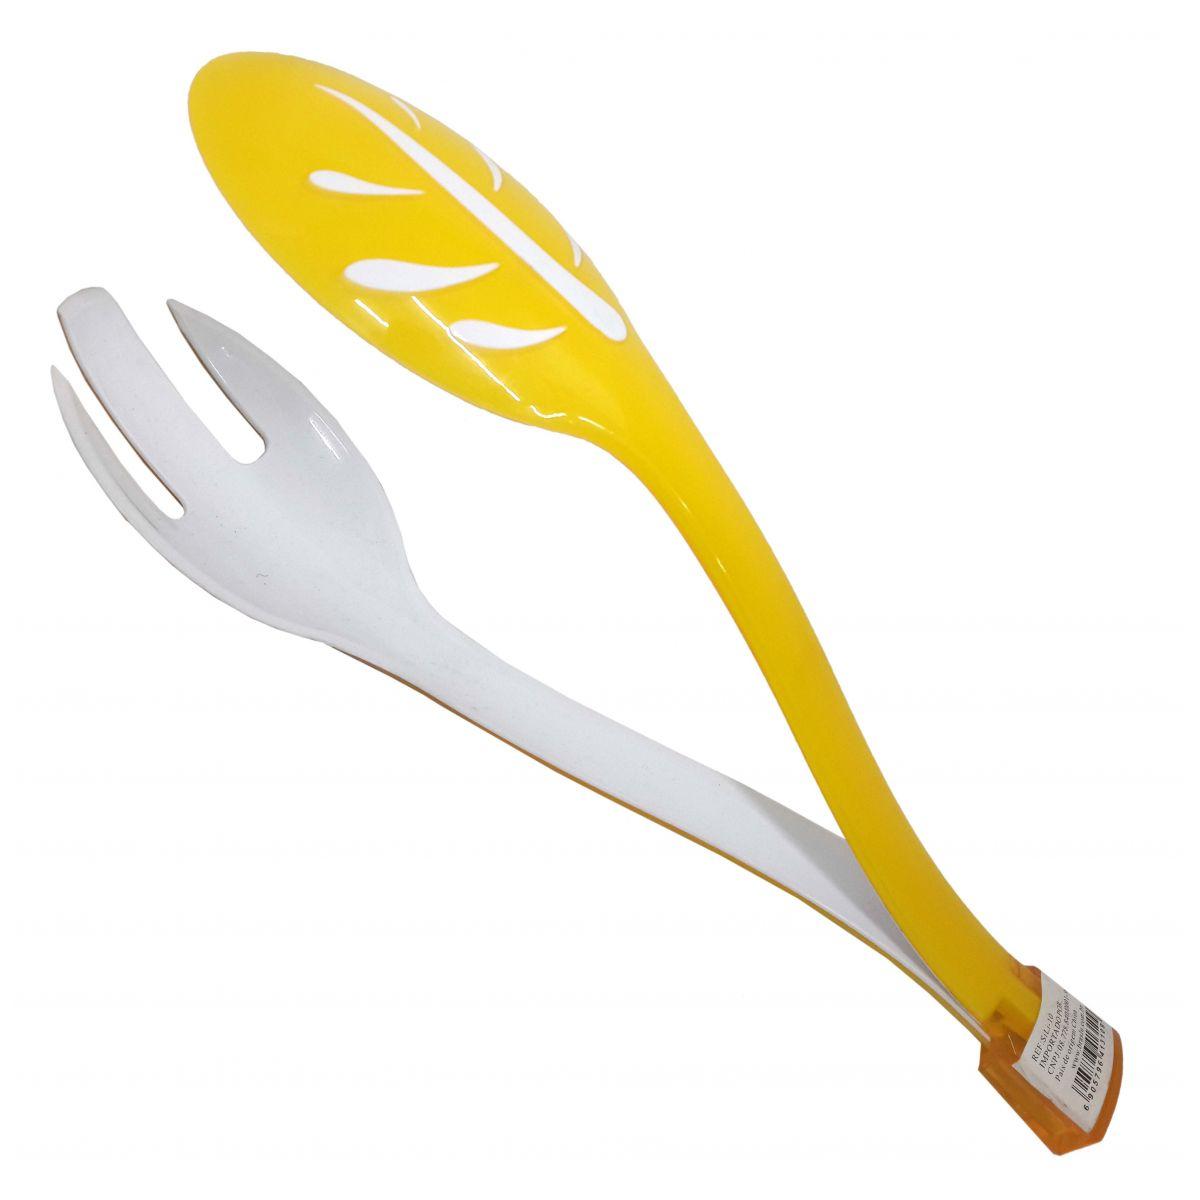 Pegador Para Salada Alimentos Cozinha Plastico Garfo Colher Amarelo (sili-10)